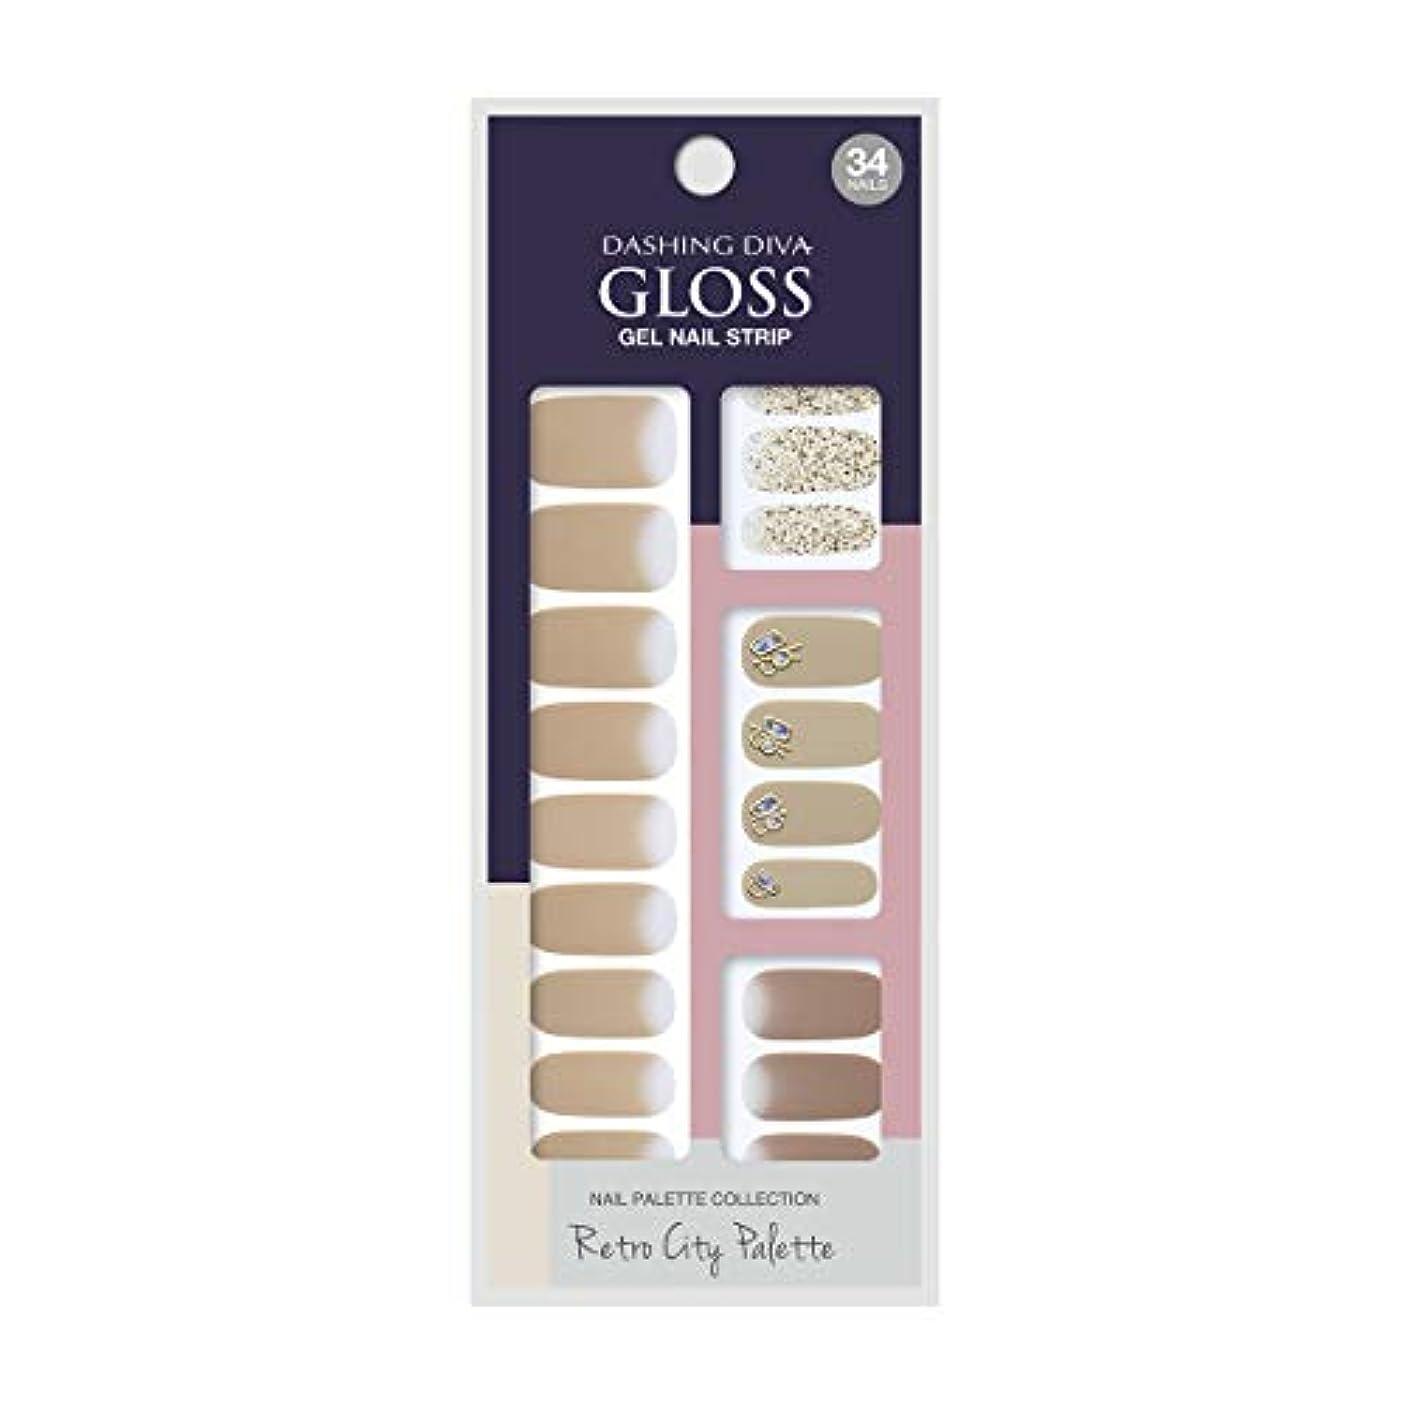 大腿ベット性別ダッシングディバ グロスジェル ネイルストリップ DASHING DIVA Gloss Gel Nail Strip GVP83 -DURY+ オリジナルジェル ネイルシール Yesterday